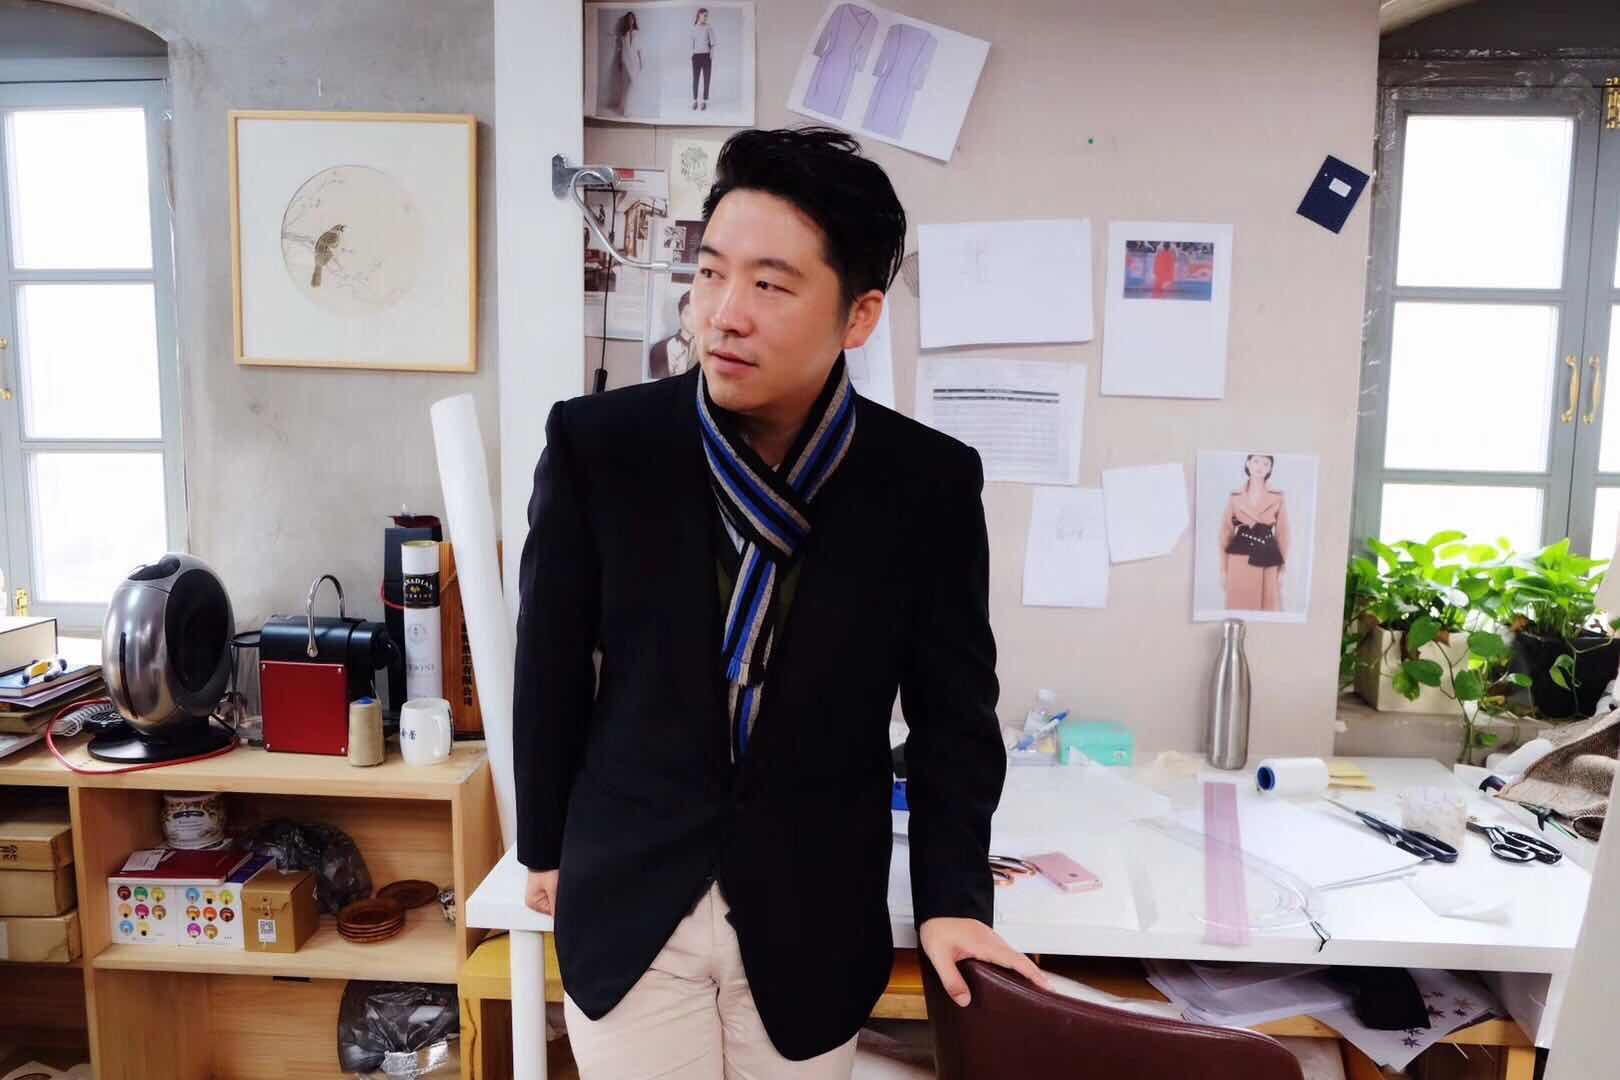 首发 | 中国设计品牌彼伏获启赋资本千万级投资,《华丽志》独家专访品牌创始人陈兴及投资人常欣